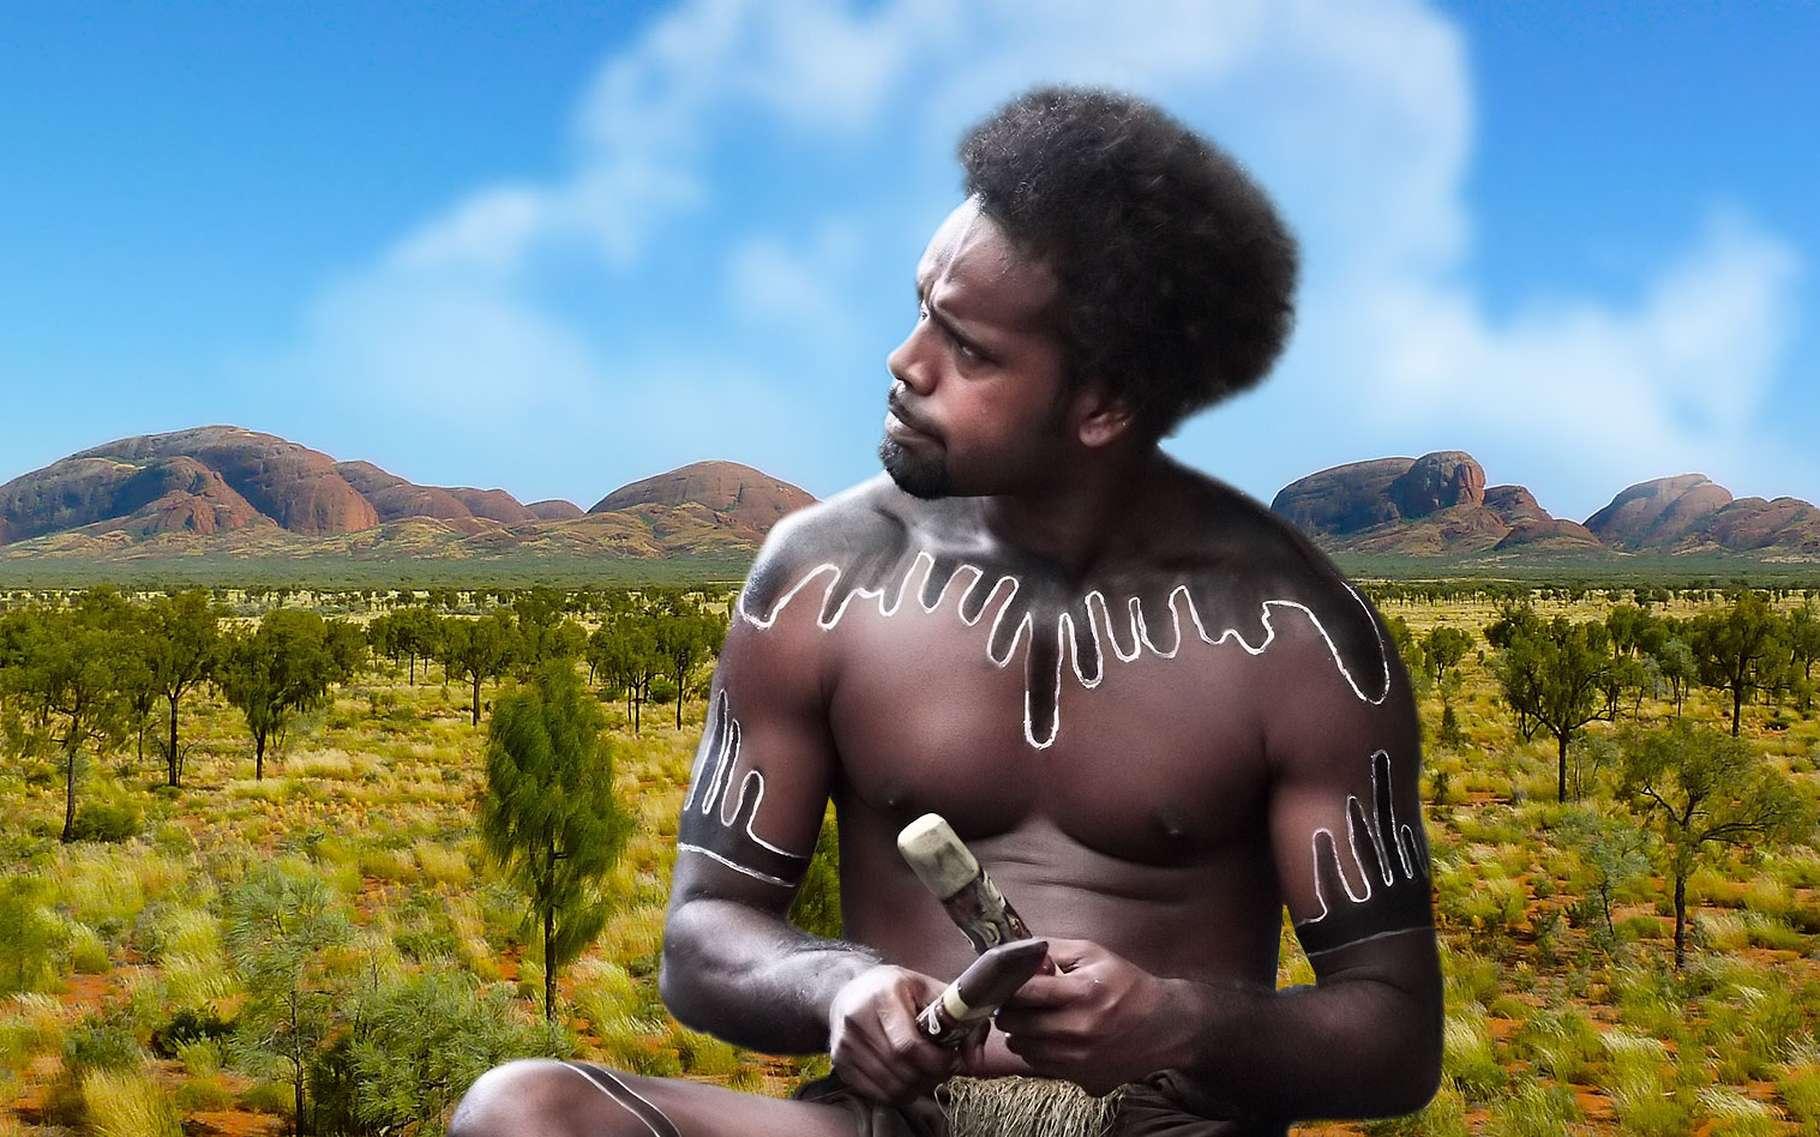 Comment les aborigènes d'Australie évitent-ils la consanguinité ? © Jlogan5, Steve Evans, Pixabay CC by 2.0